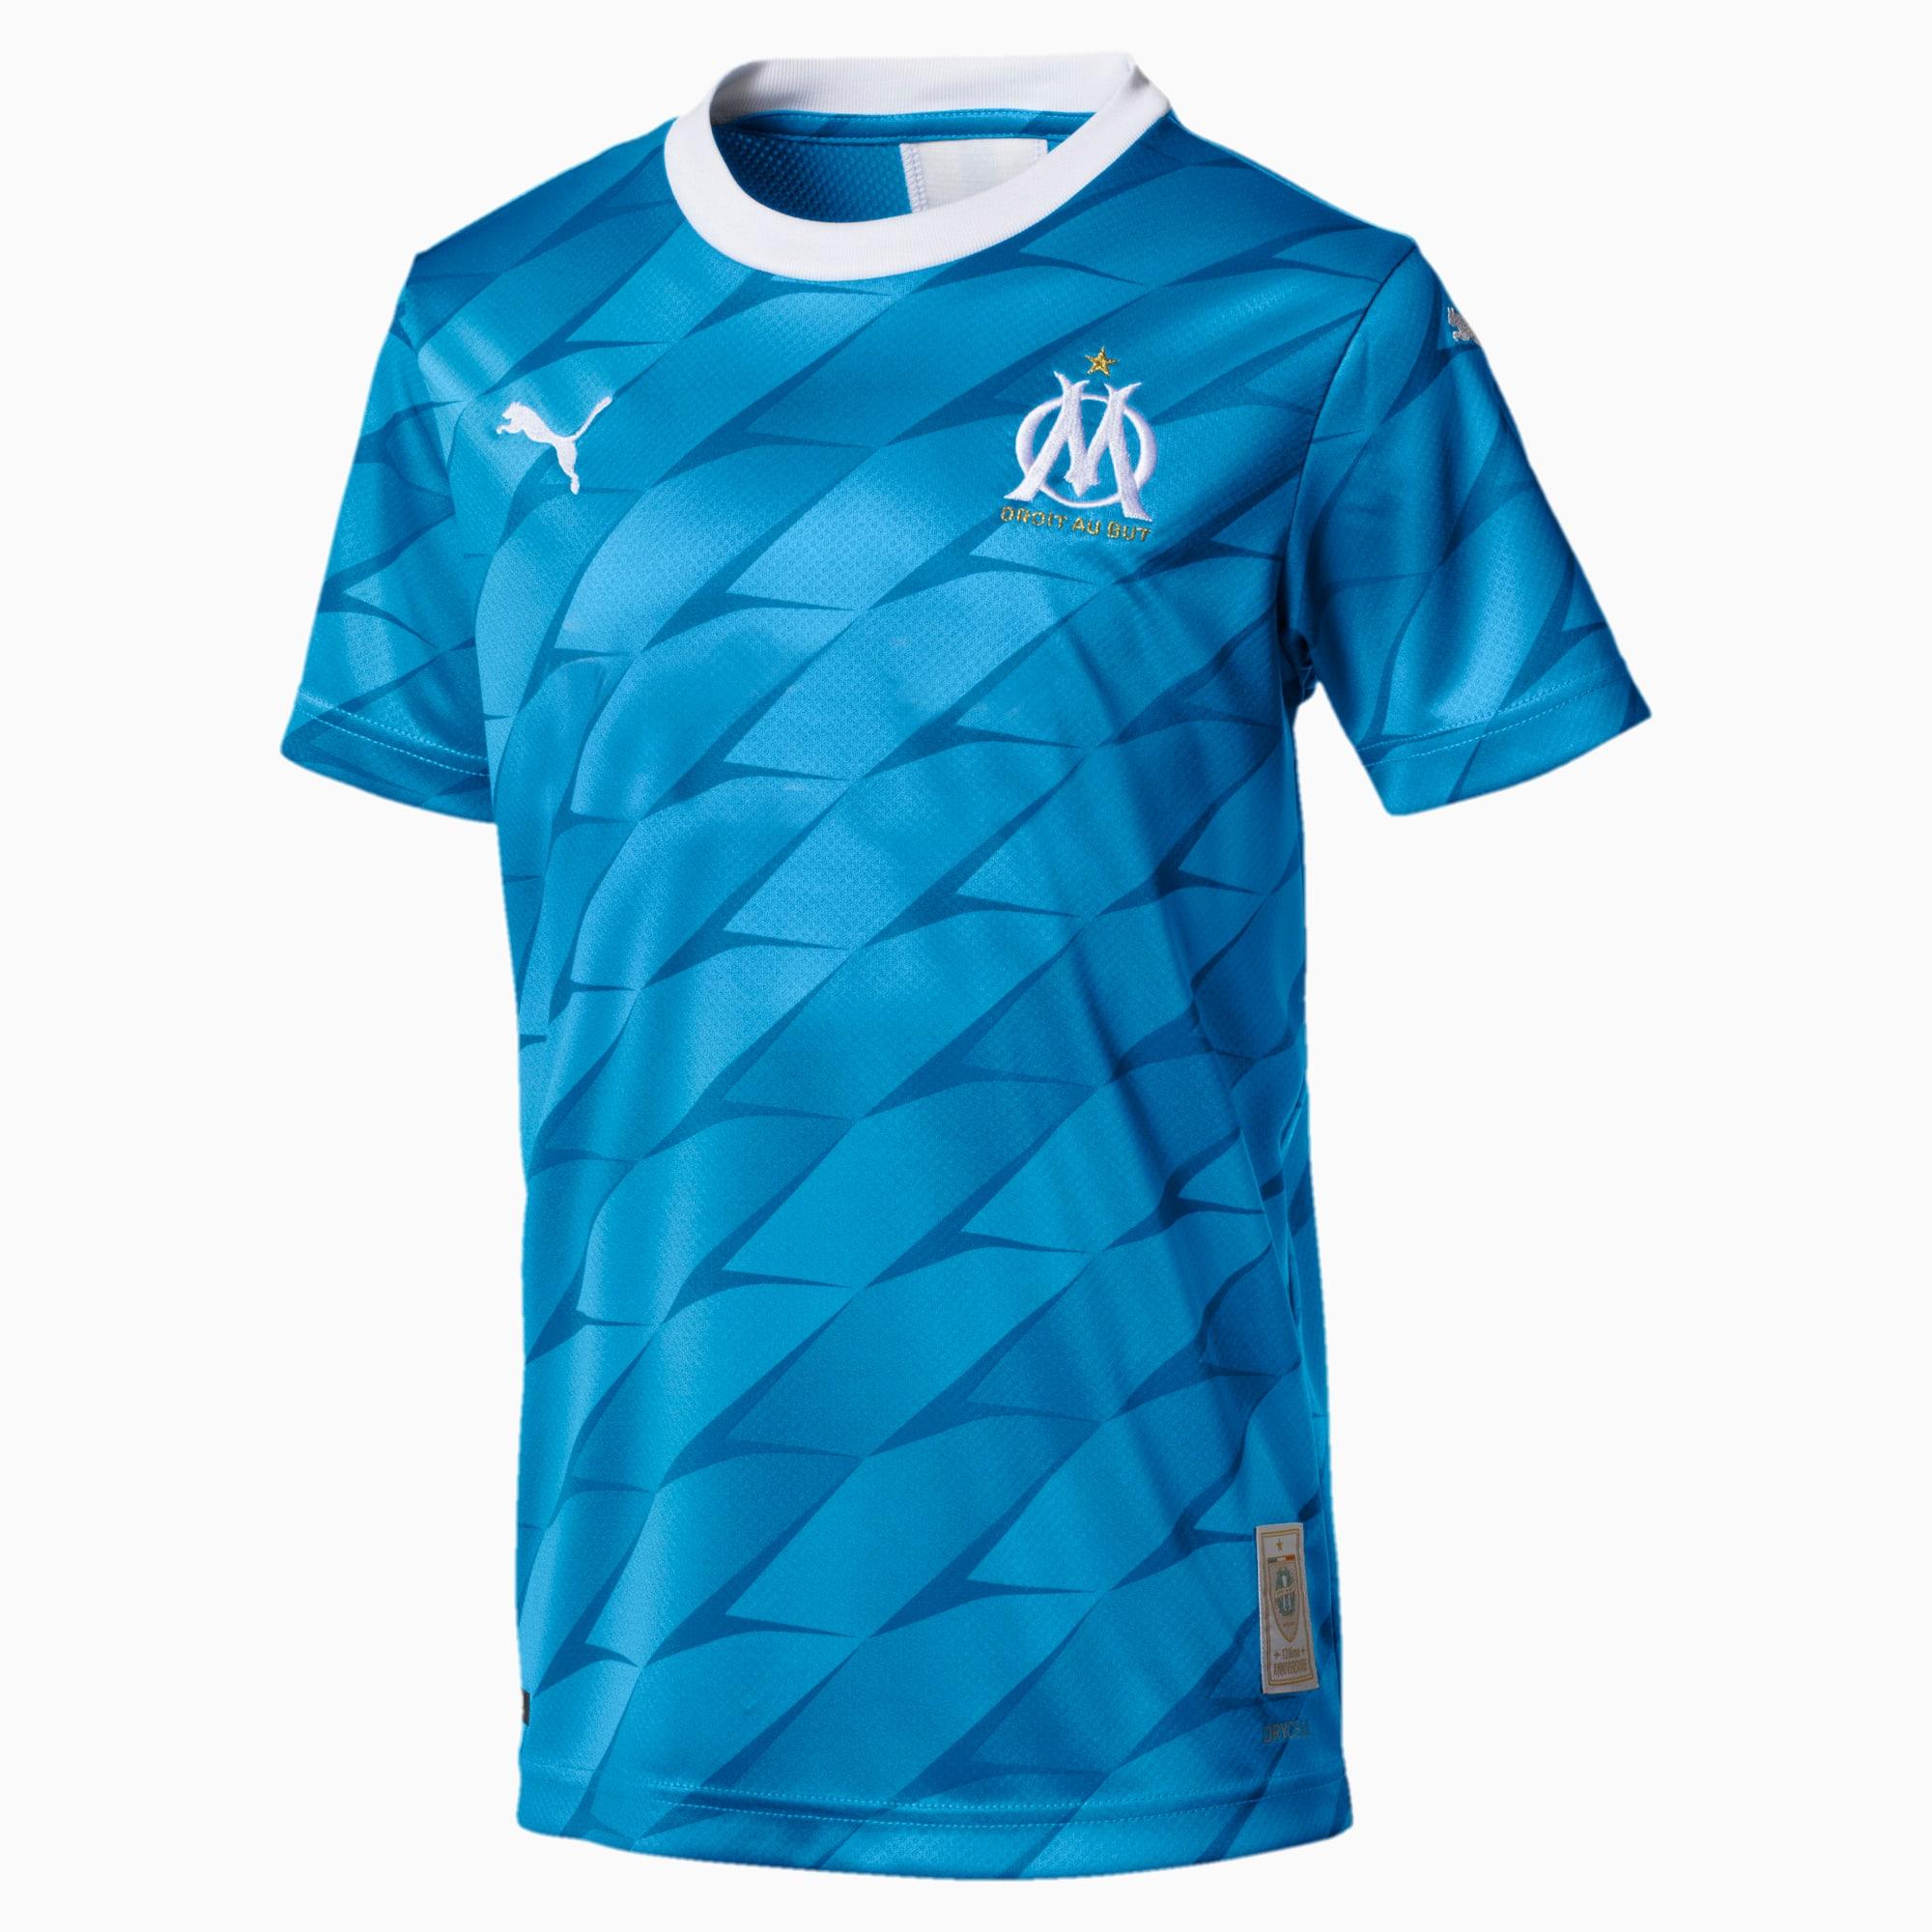 PUMA Mens Standard Olympique De Marseille Home Shirt Replica